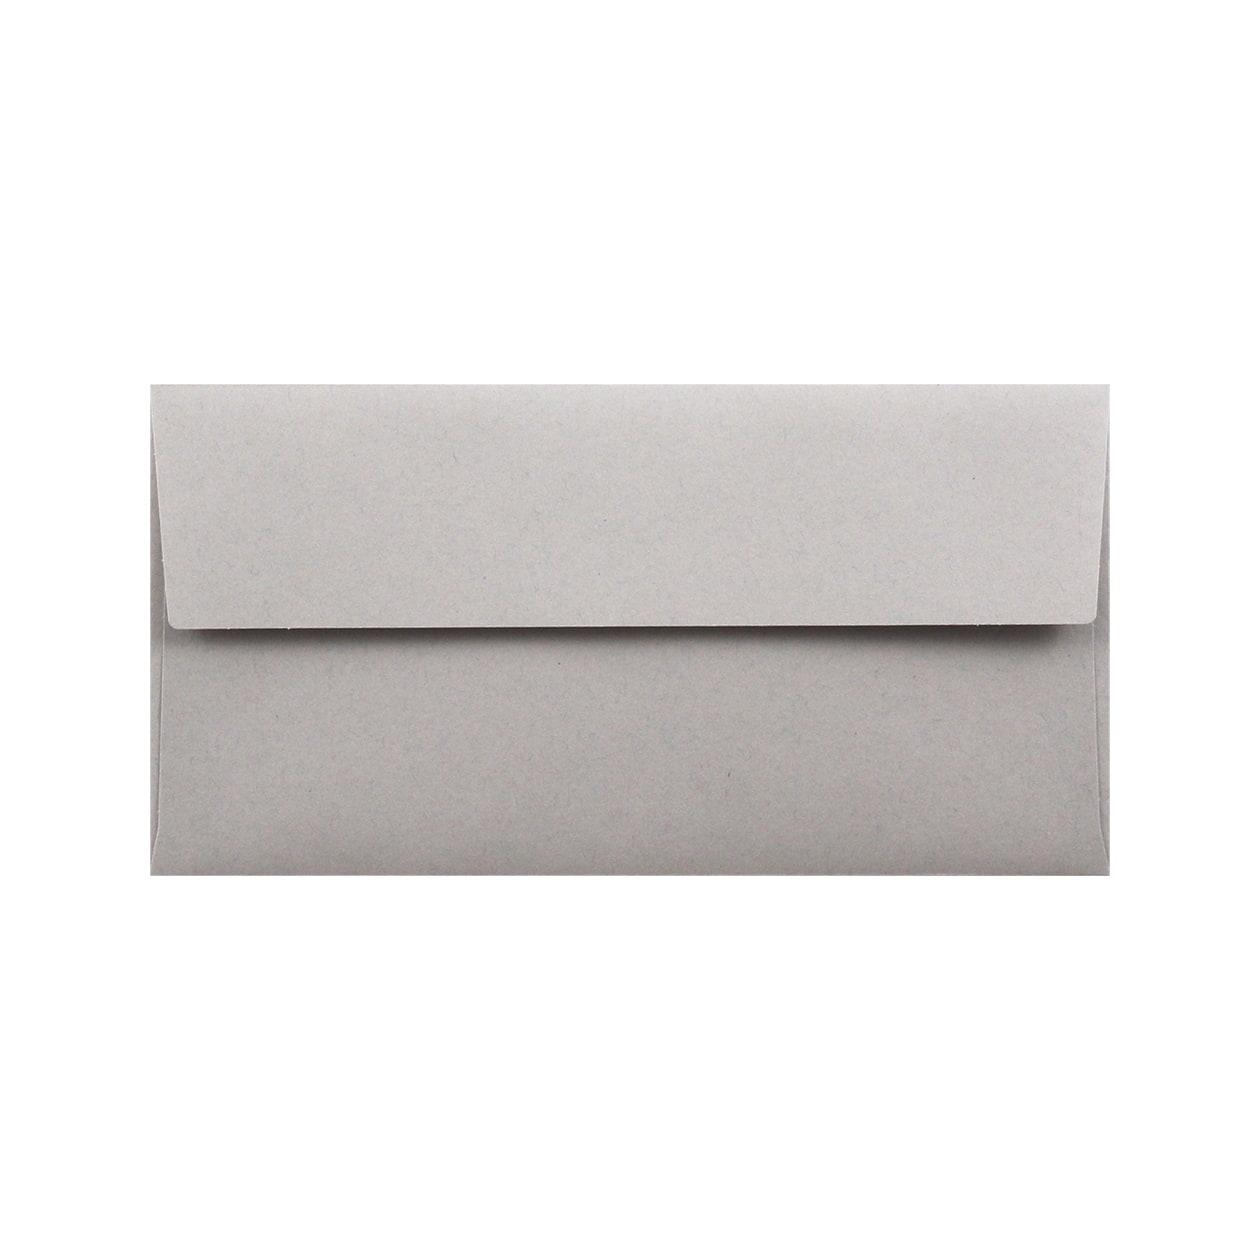 洋6カマス封筒 HAGURUMA Basic ライナーグレイ 100g